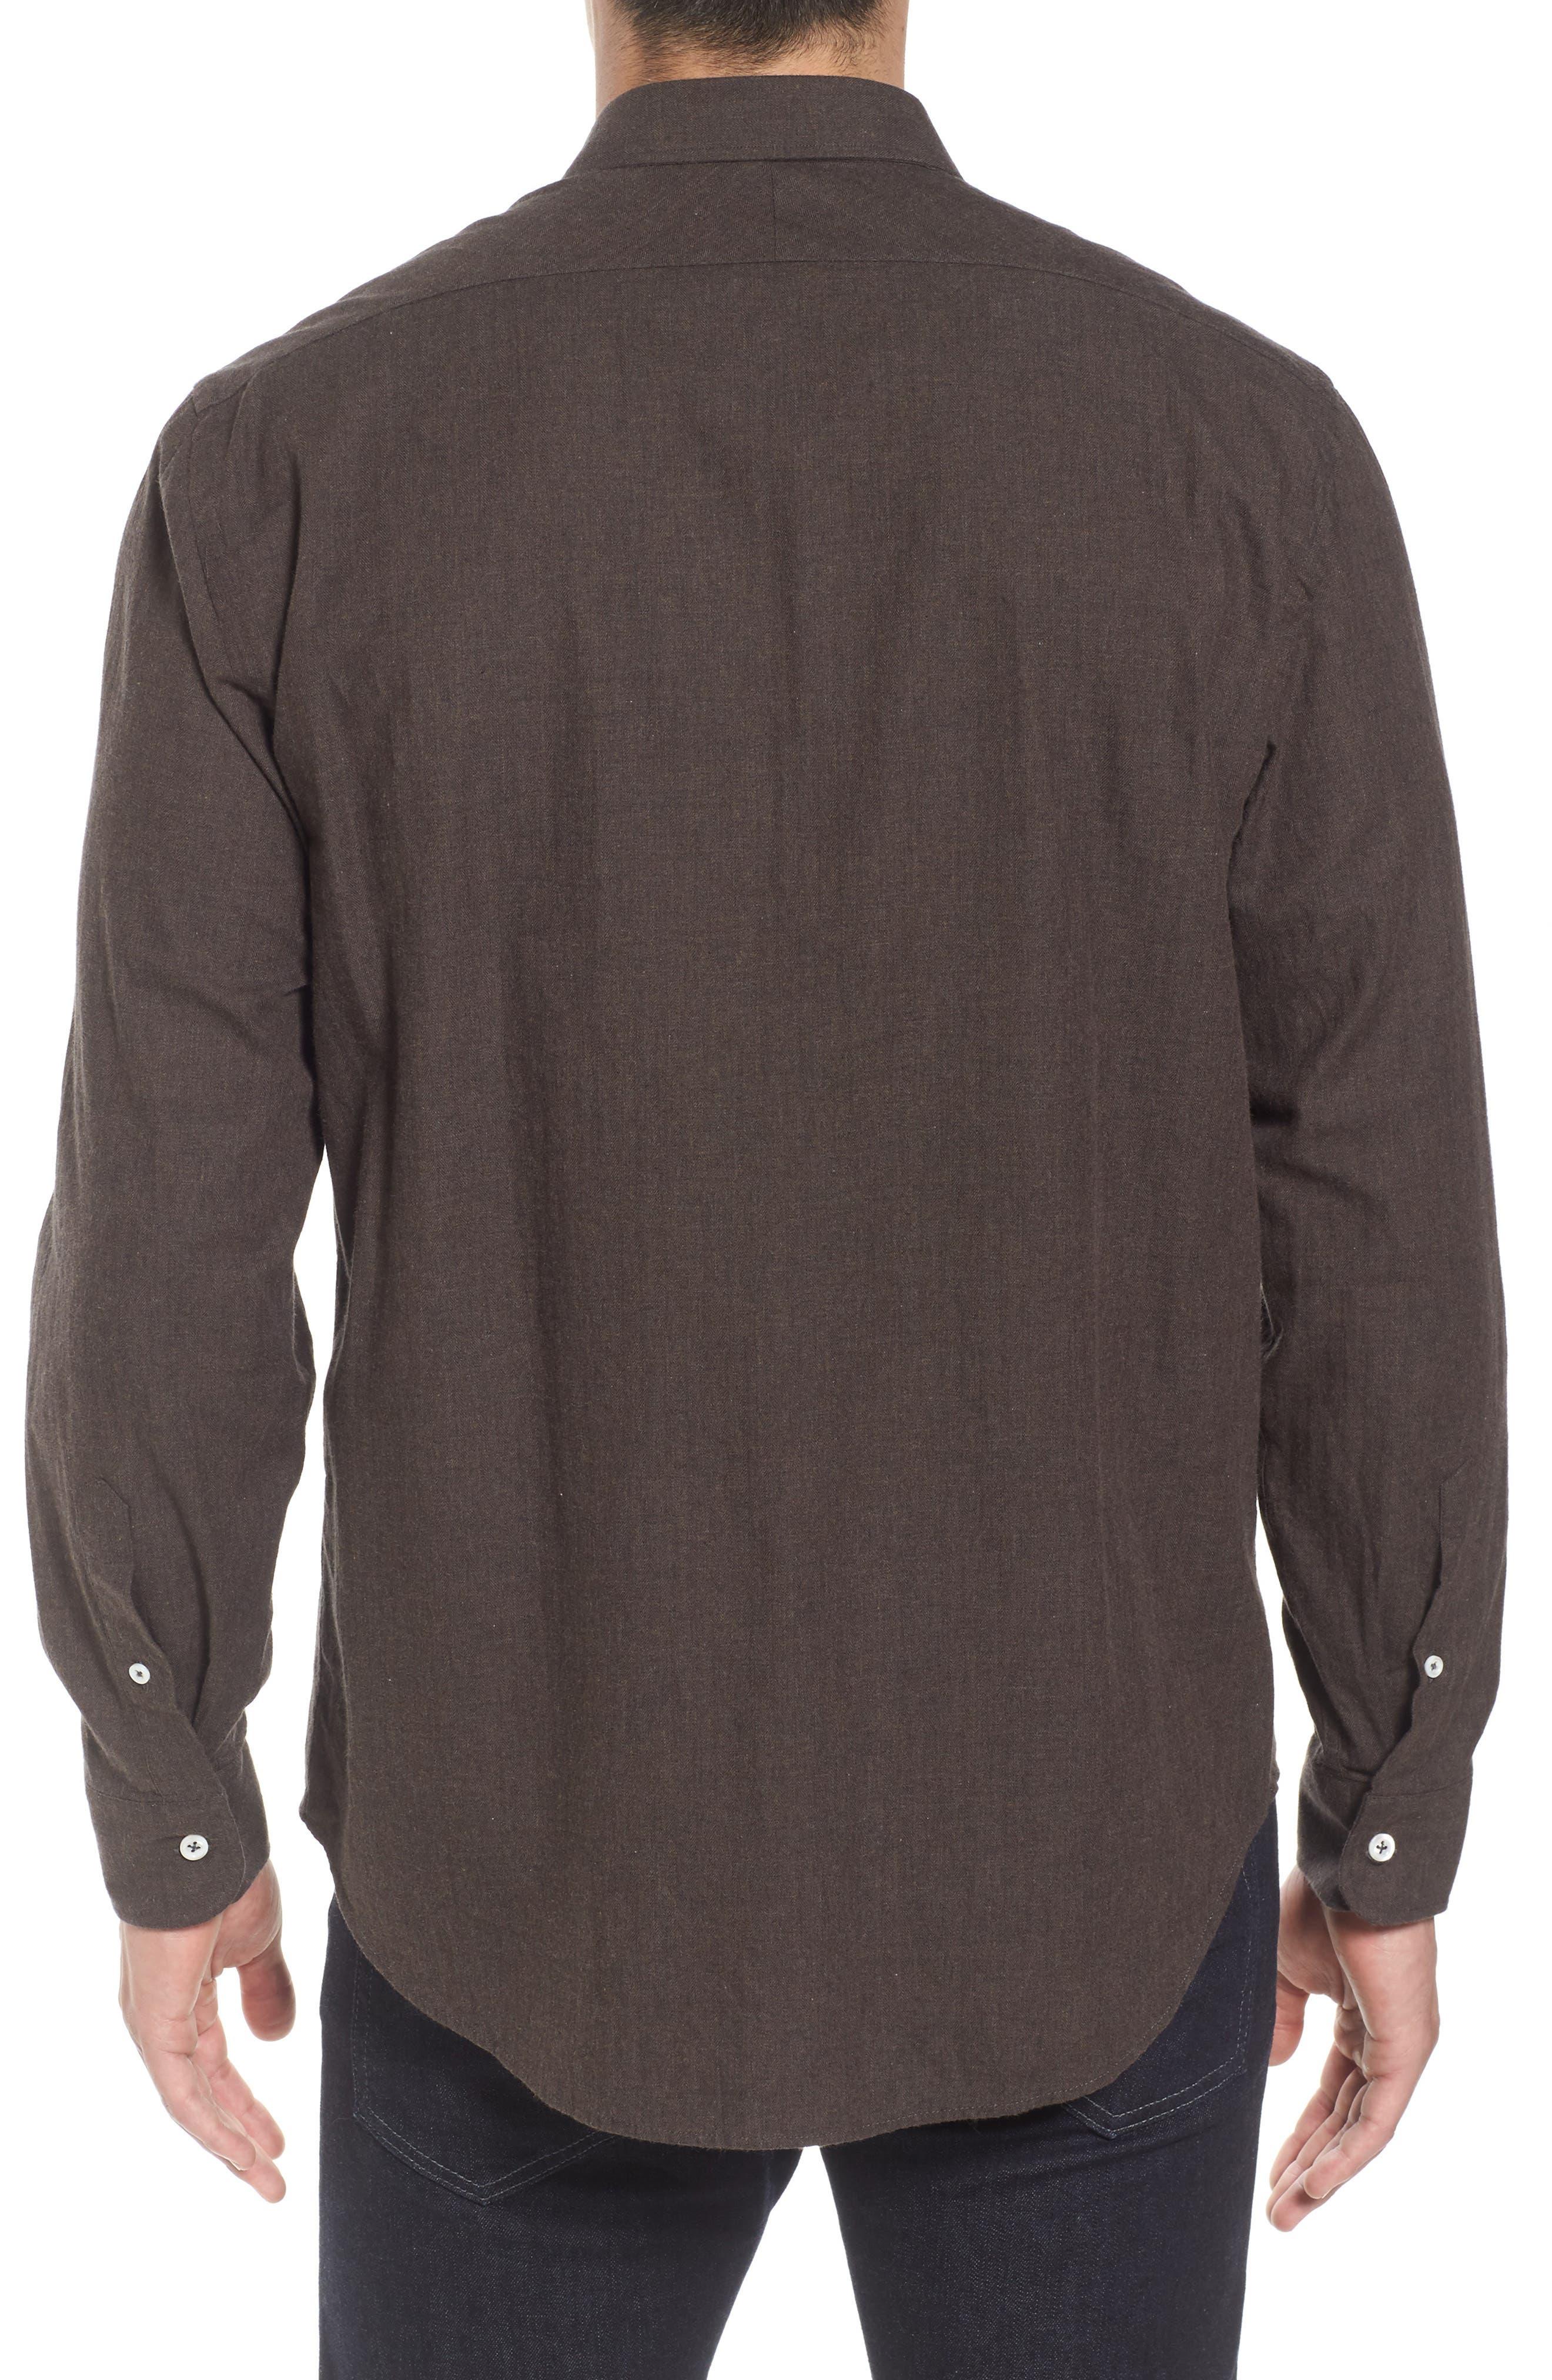 John T Standard Fit Herringbone Shirt,                             Alternate thumbnail 2, color,                             Brown